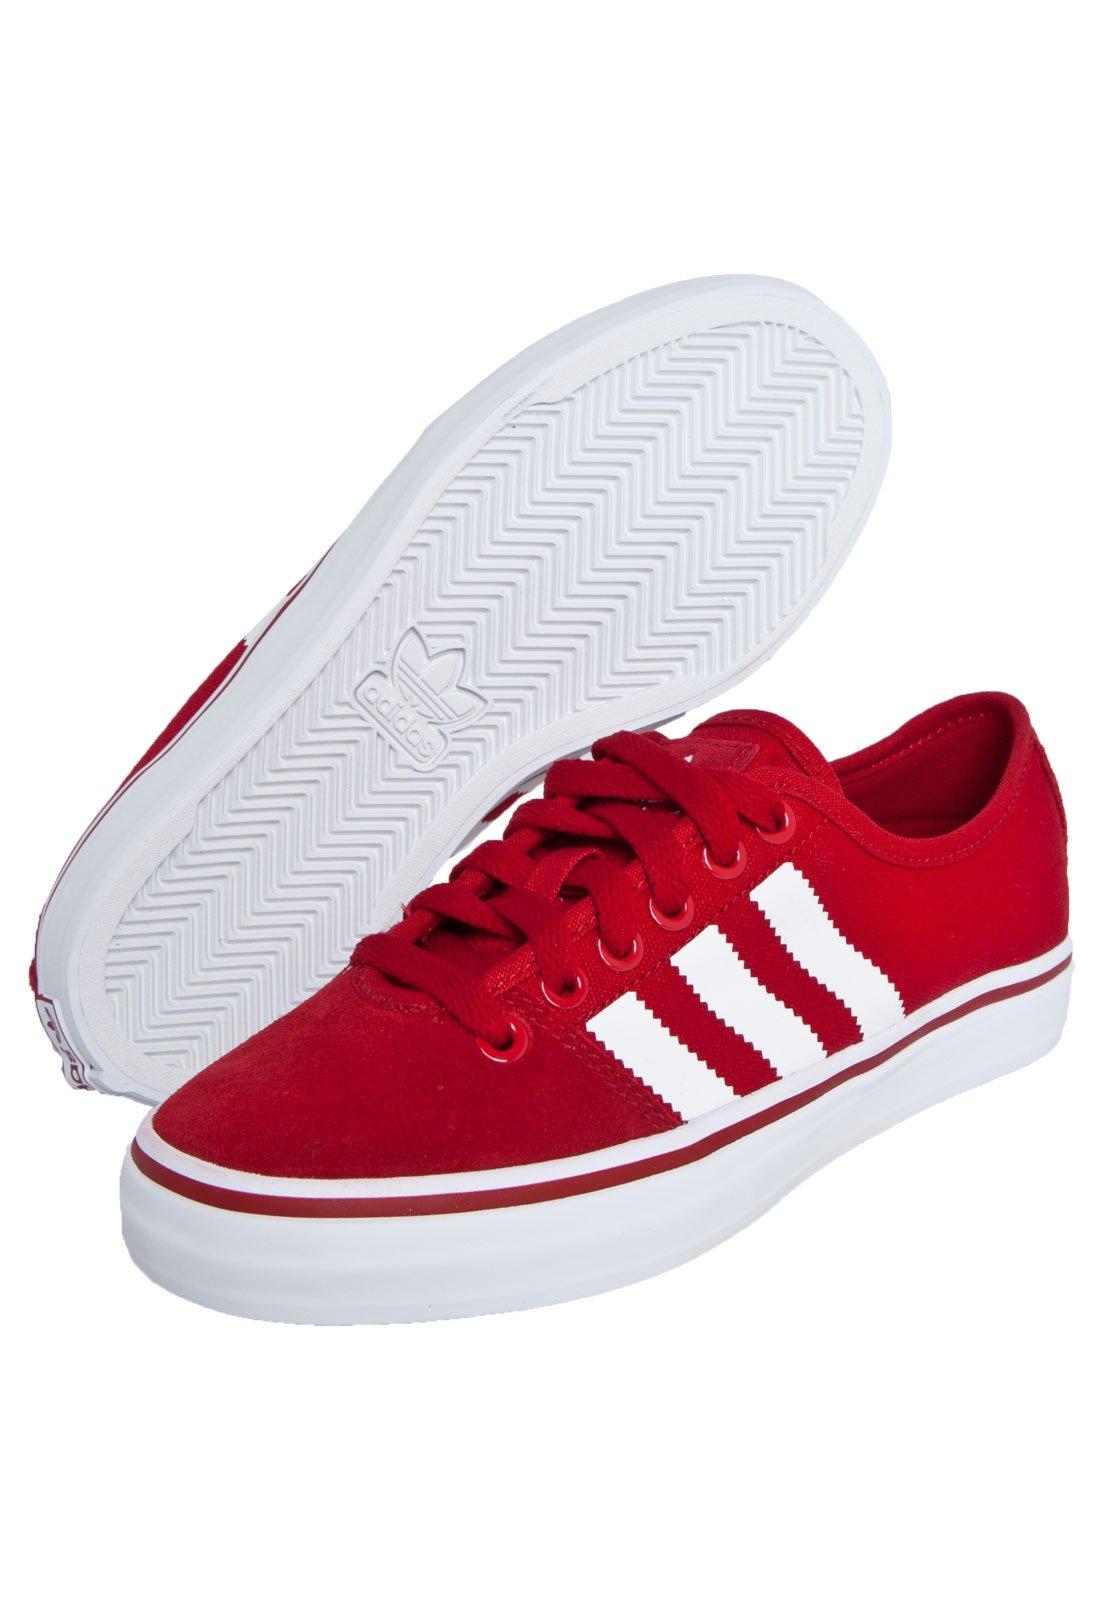 Respeto a ti mismo Subrayar Ventilación  Tênis adidas Originals Adria Lo W Vermelho - Compre Agora   Dafiti Brasil